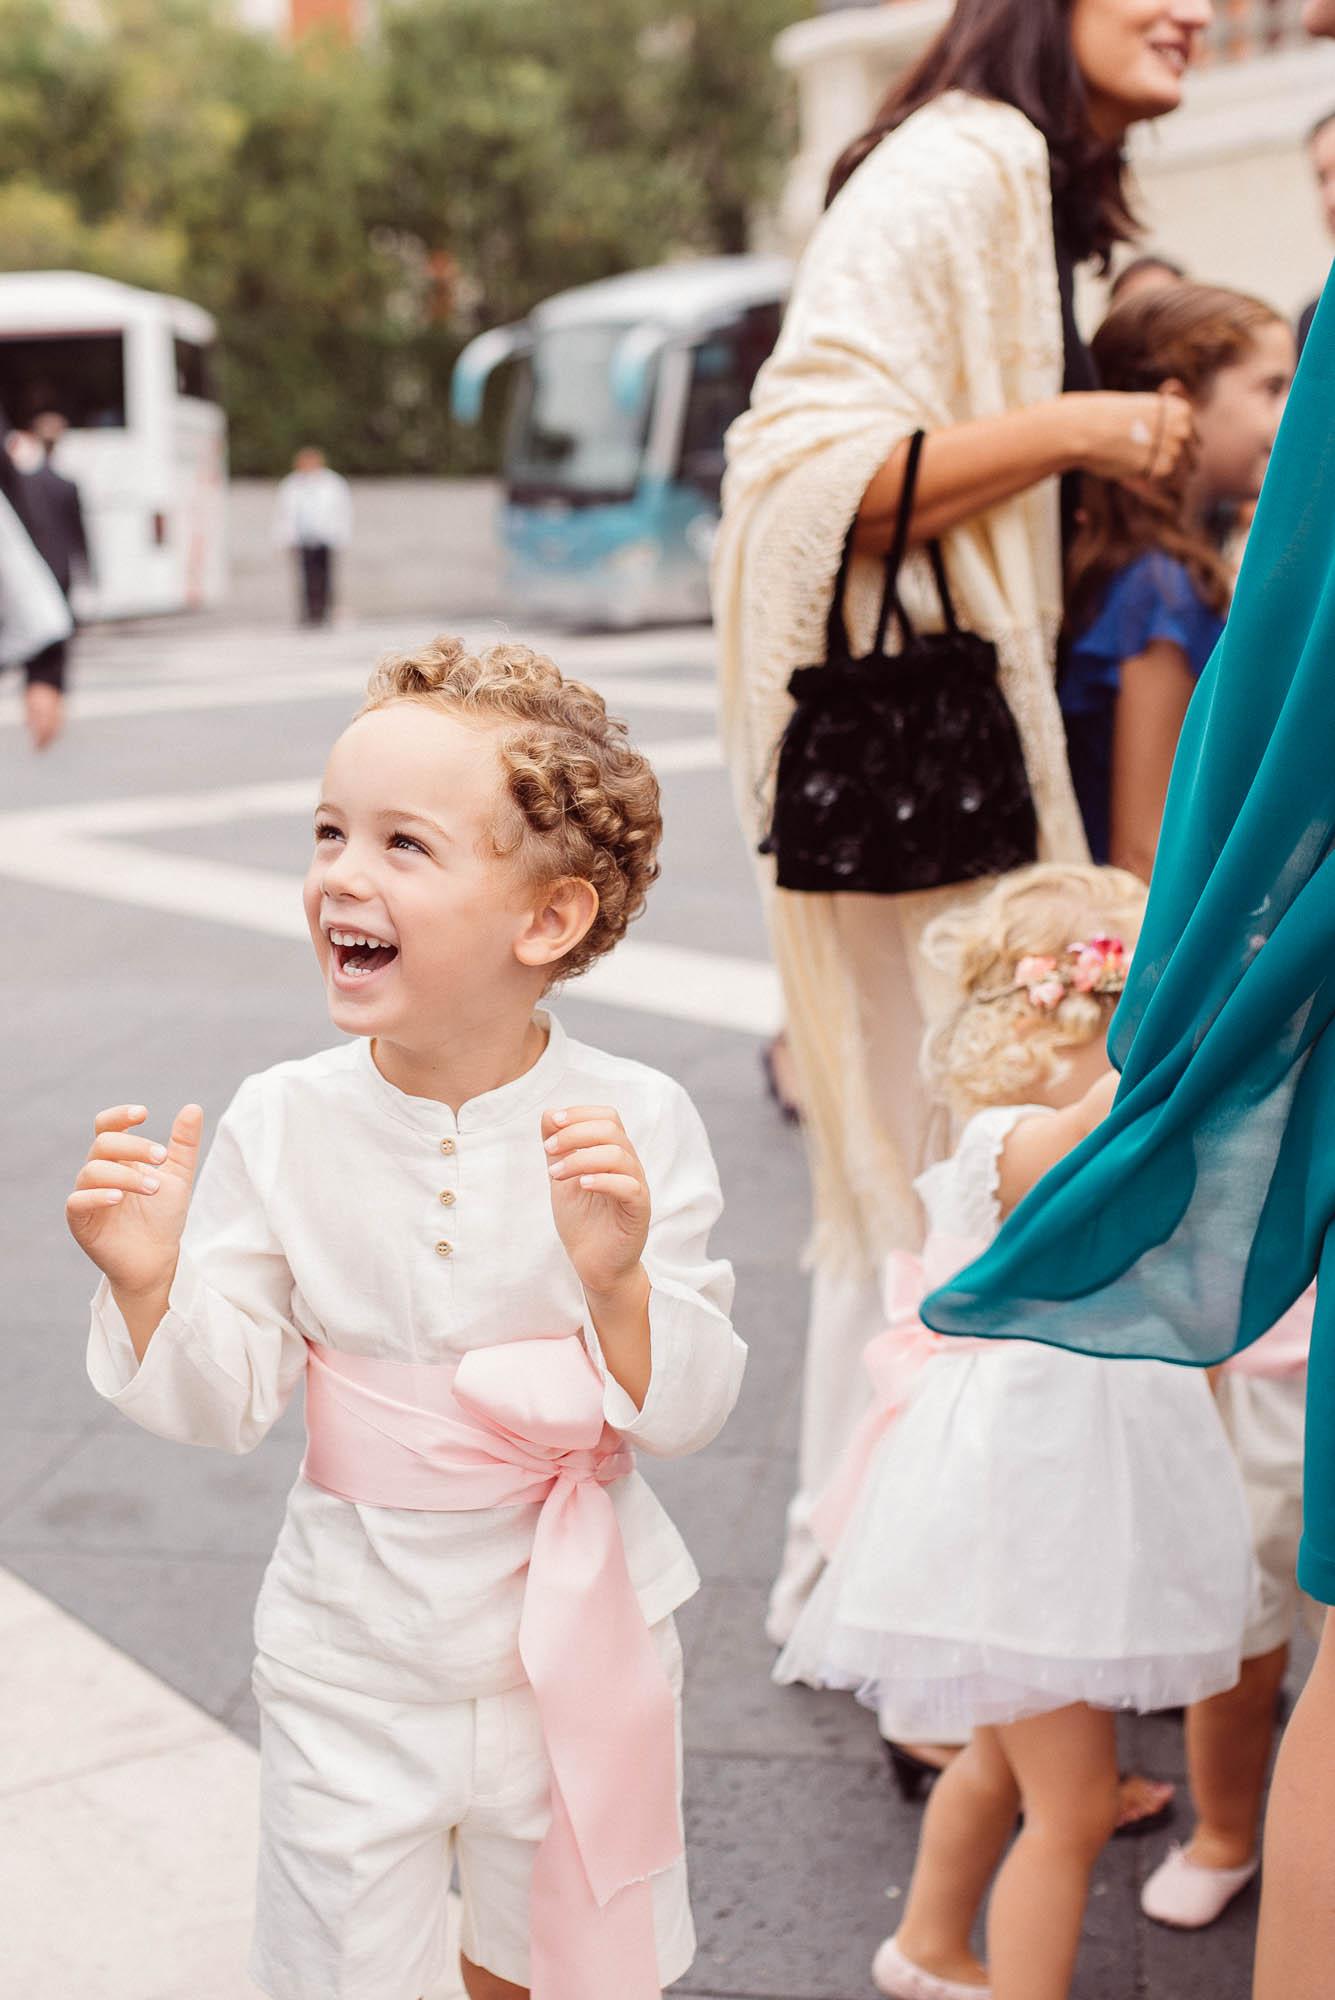 Niño sonriendo en el dia de la boda